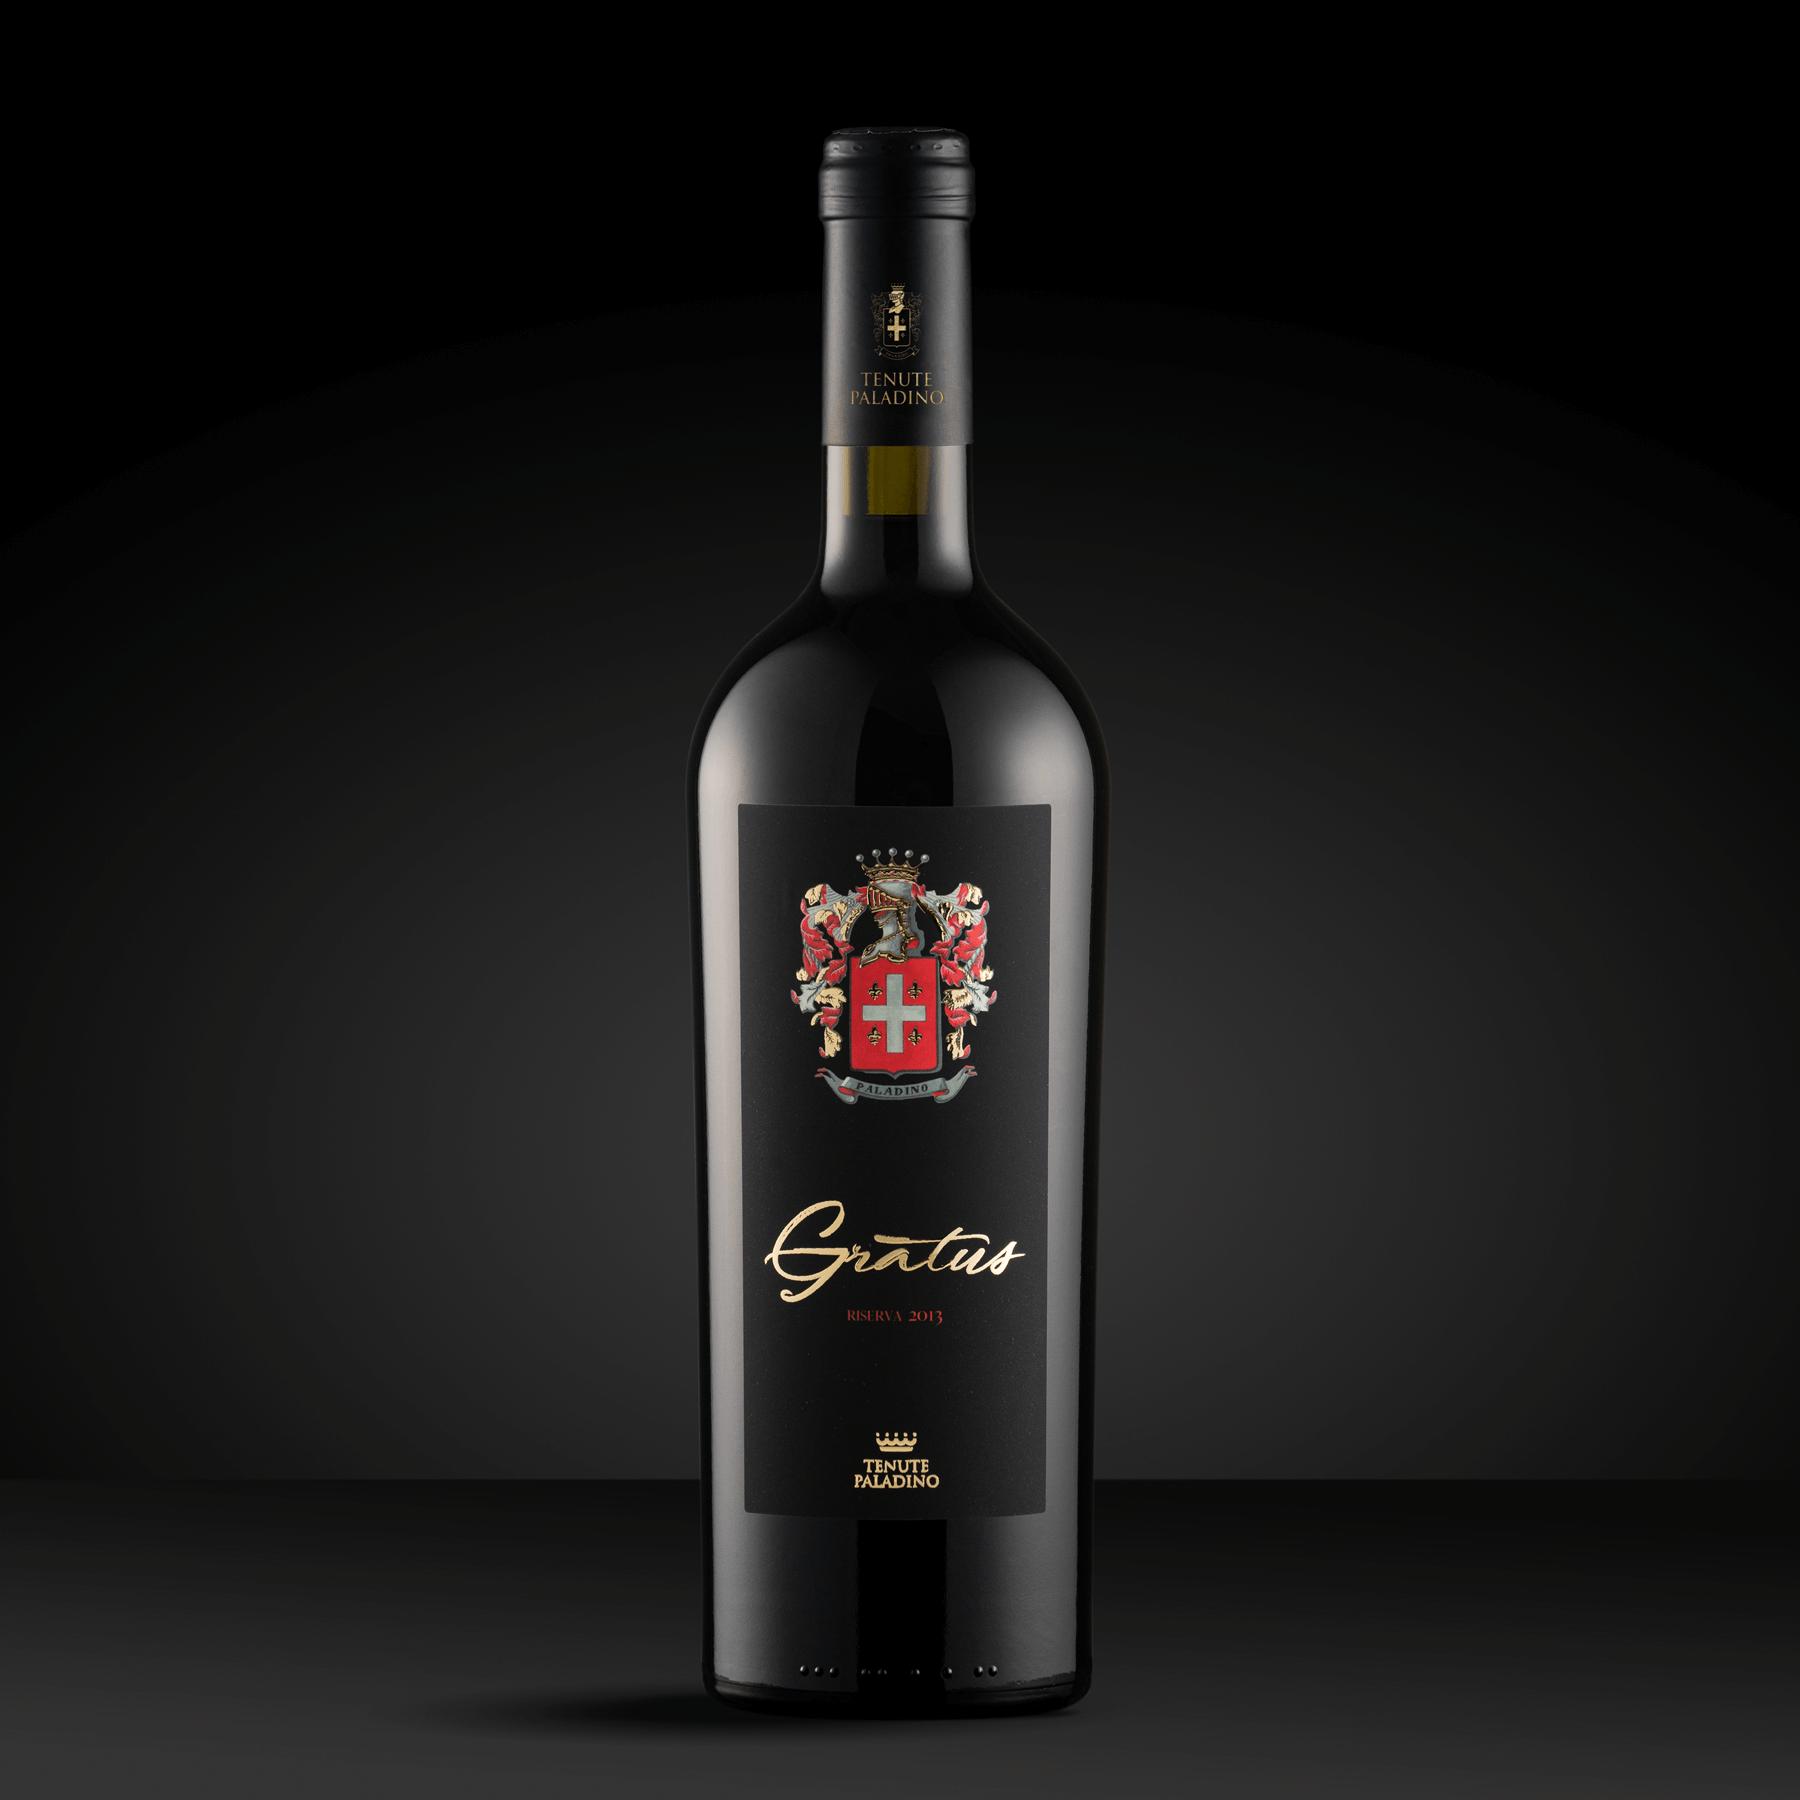 Studio La Regina - Gratus bottiglia